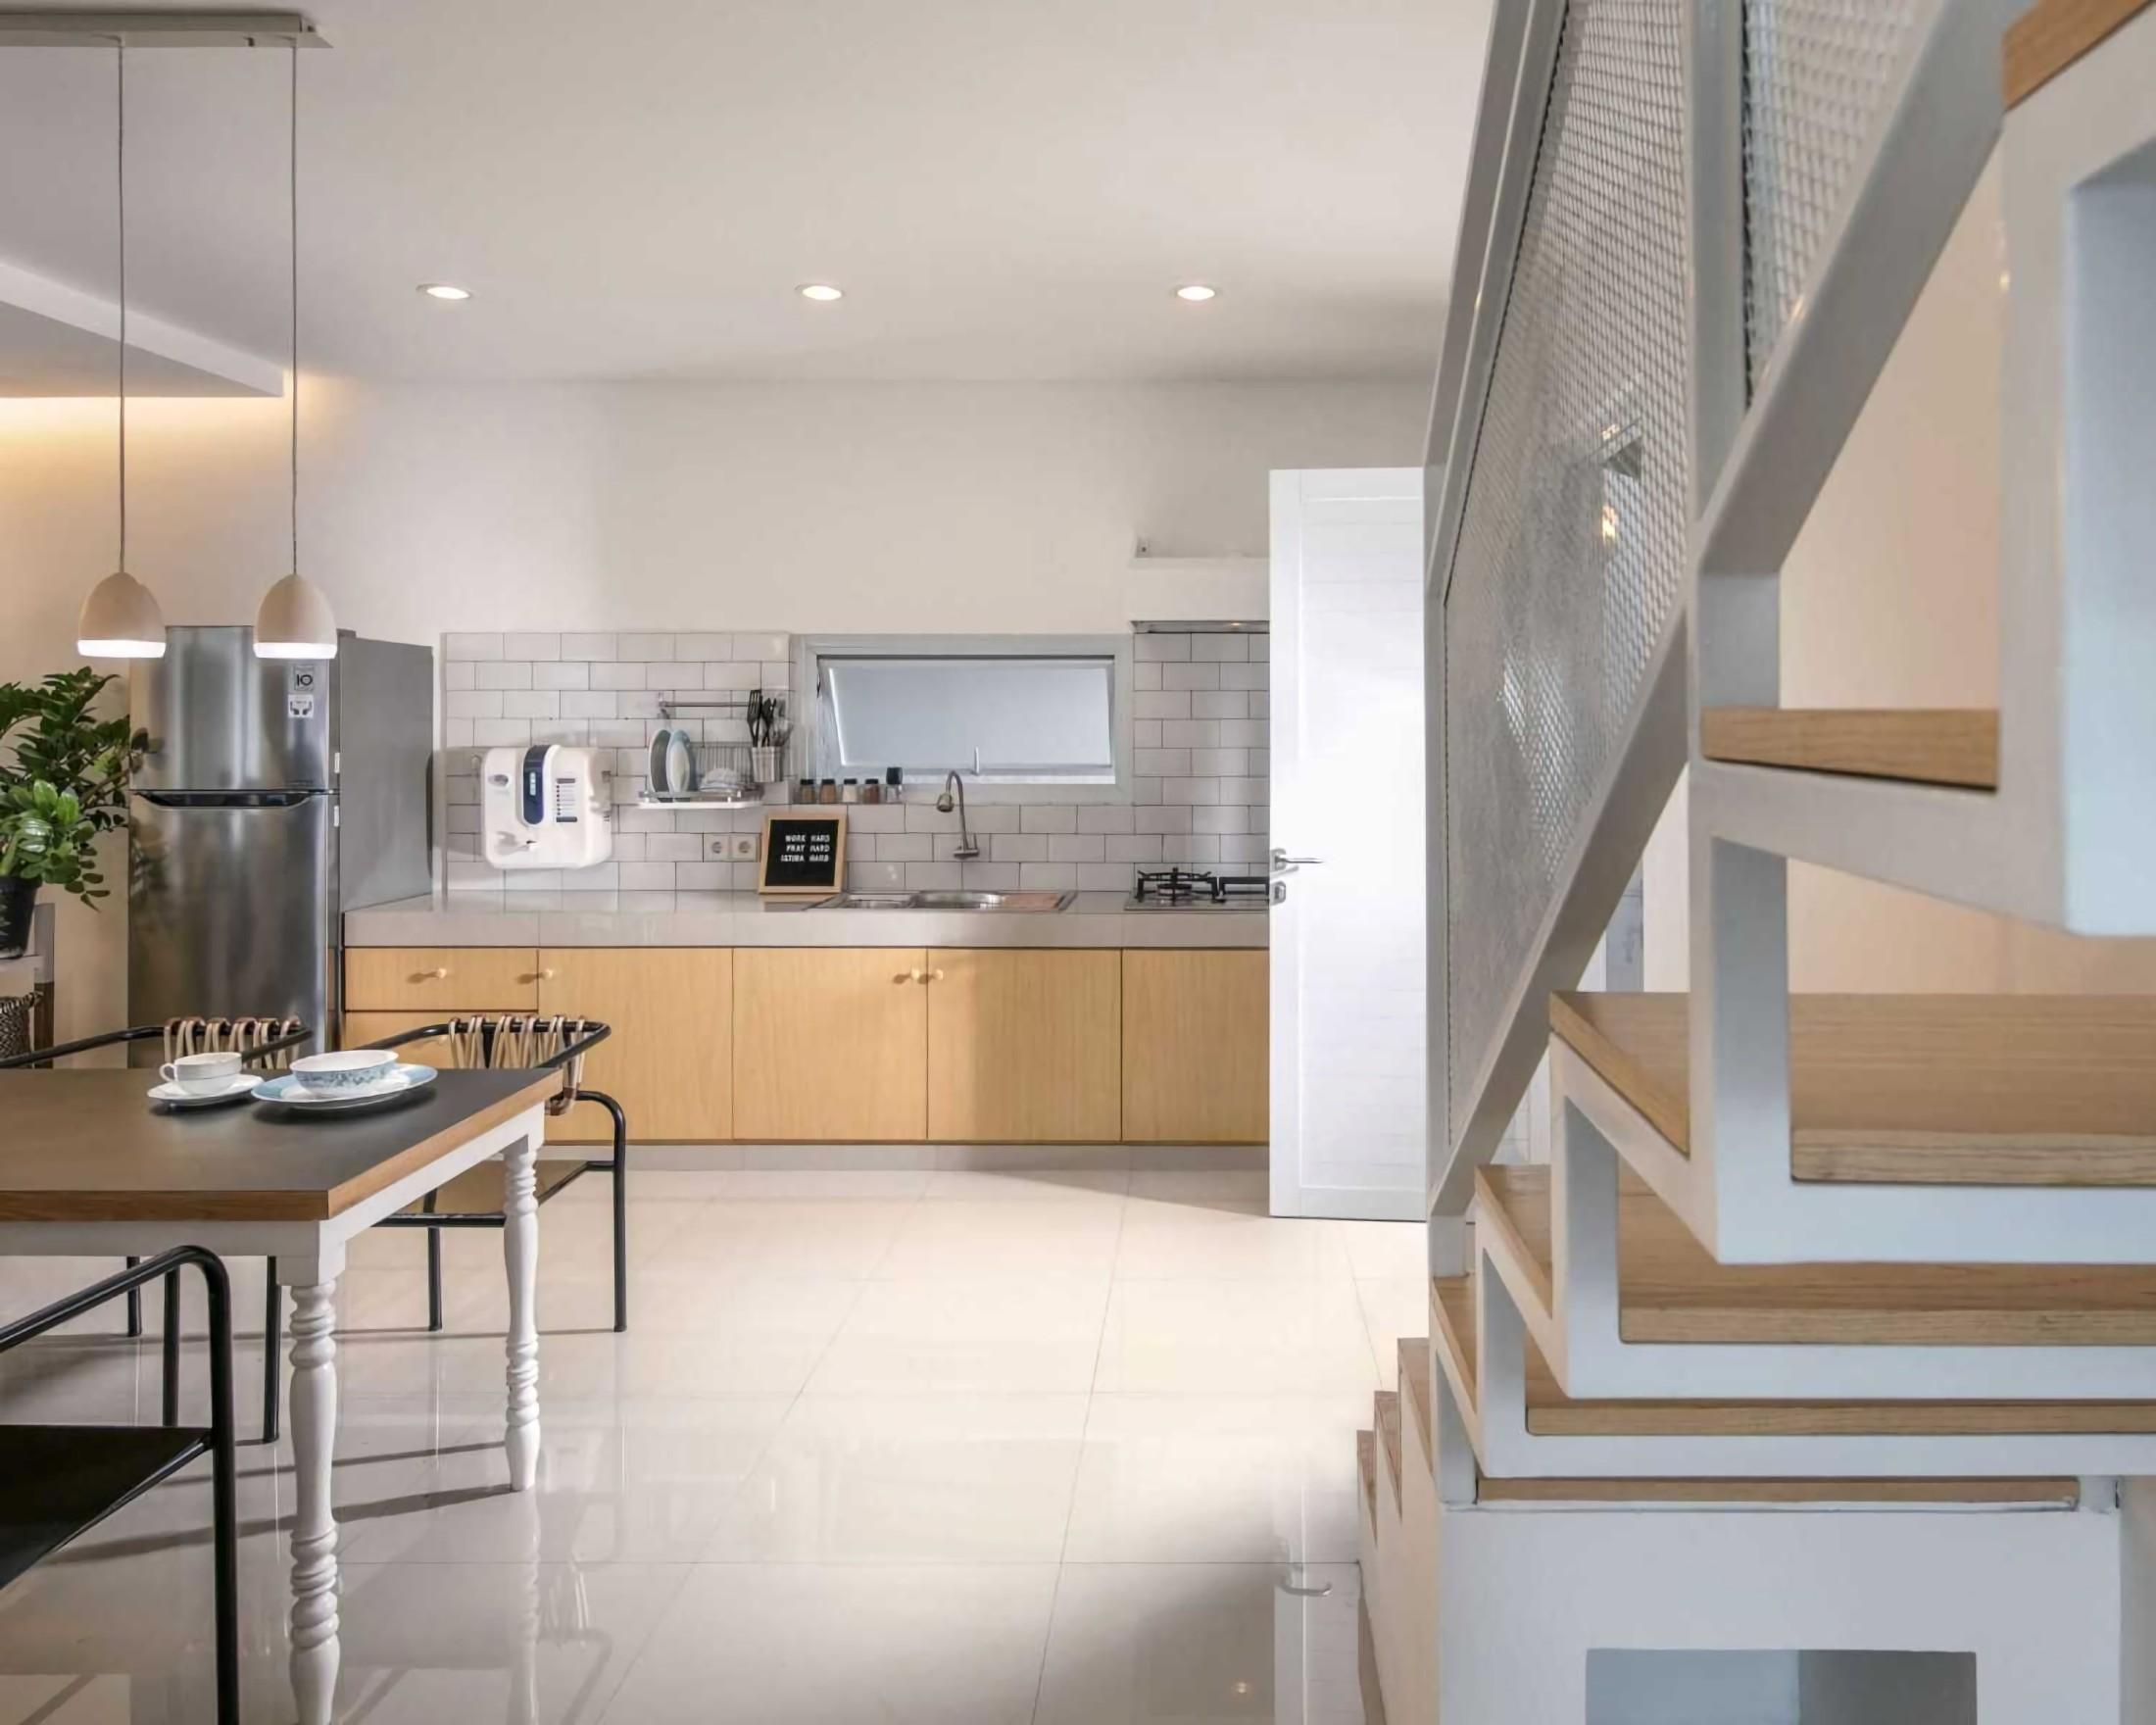 Jendela di dinding dapur untuk pencahayaan dan sirkulasi udara saat memasak (Sumber: arsitag.com)